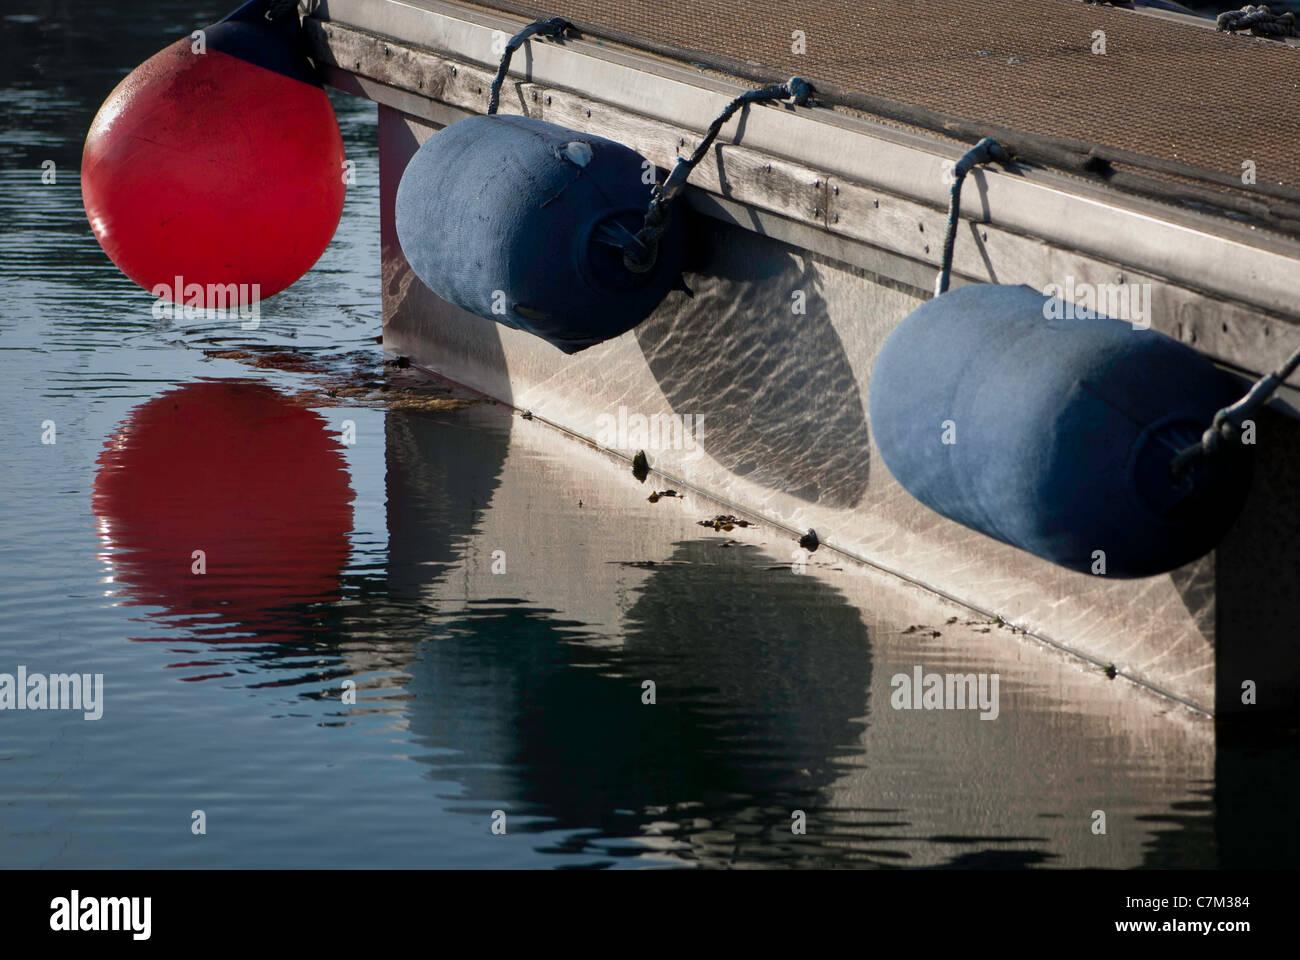 Fenders on side of marina pontoon - Stock Image